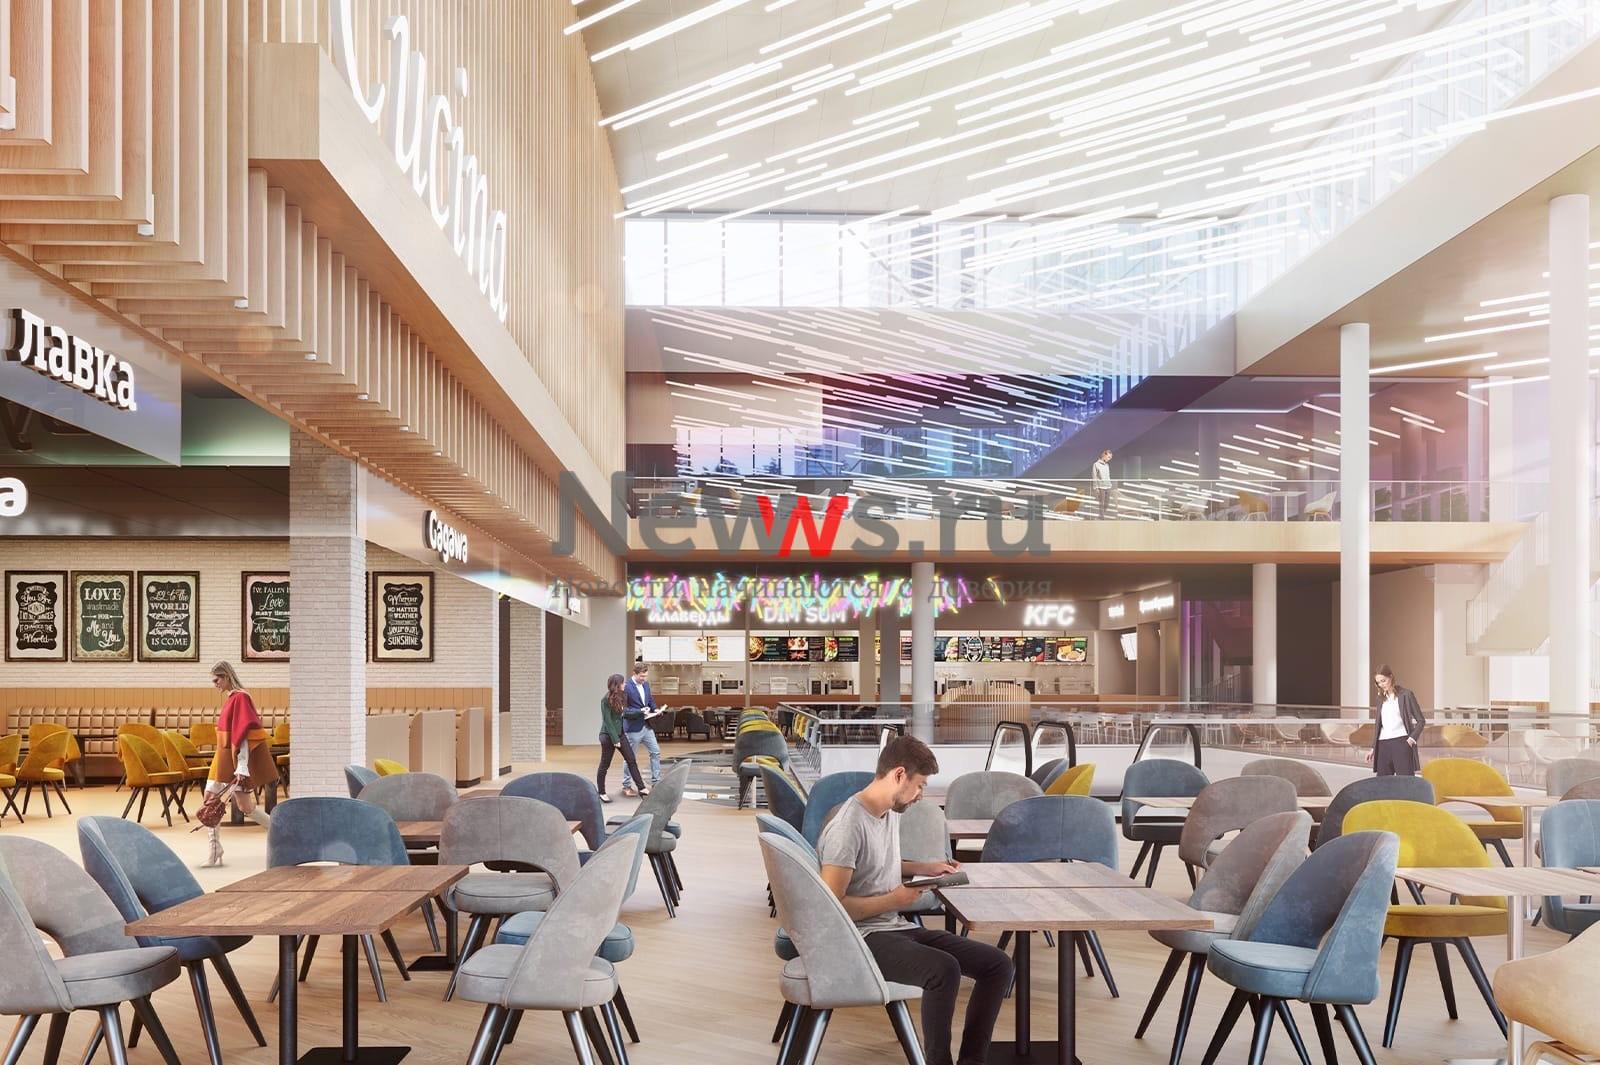 Инвестора для строительства торгово-развлекательного центра в Косино-Ухтомском определят в рамках конкурса